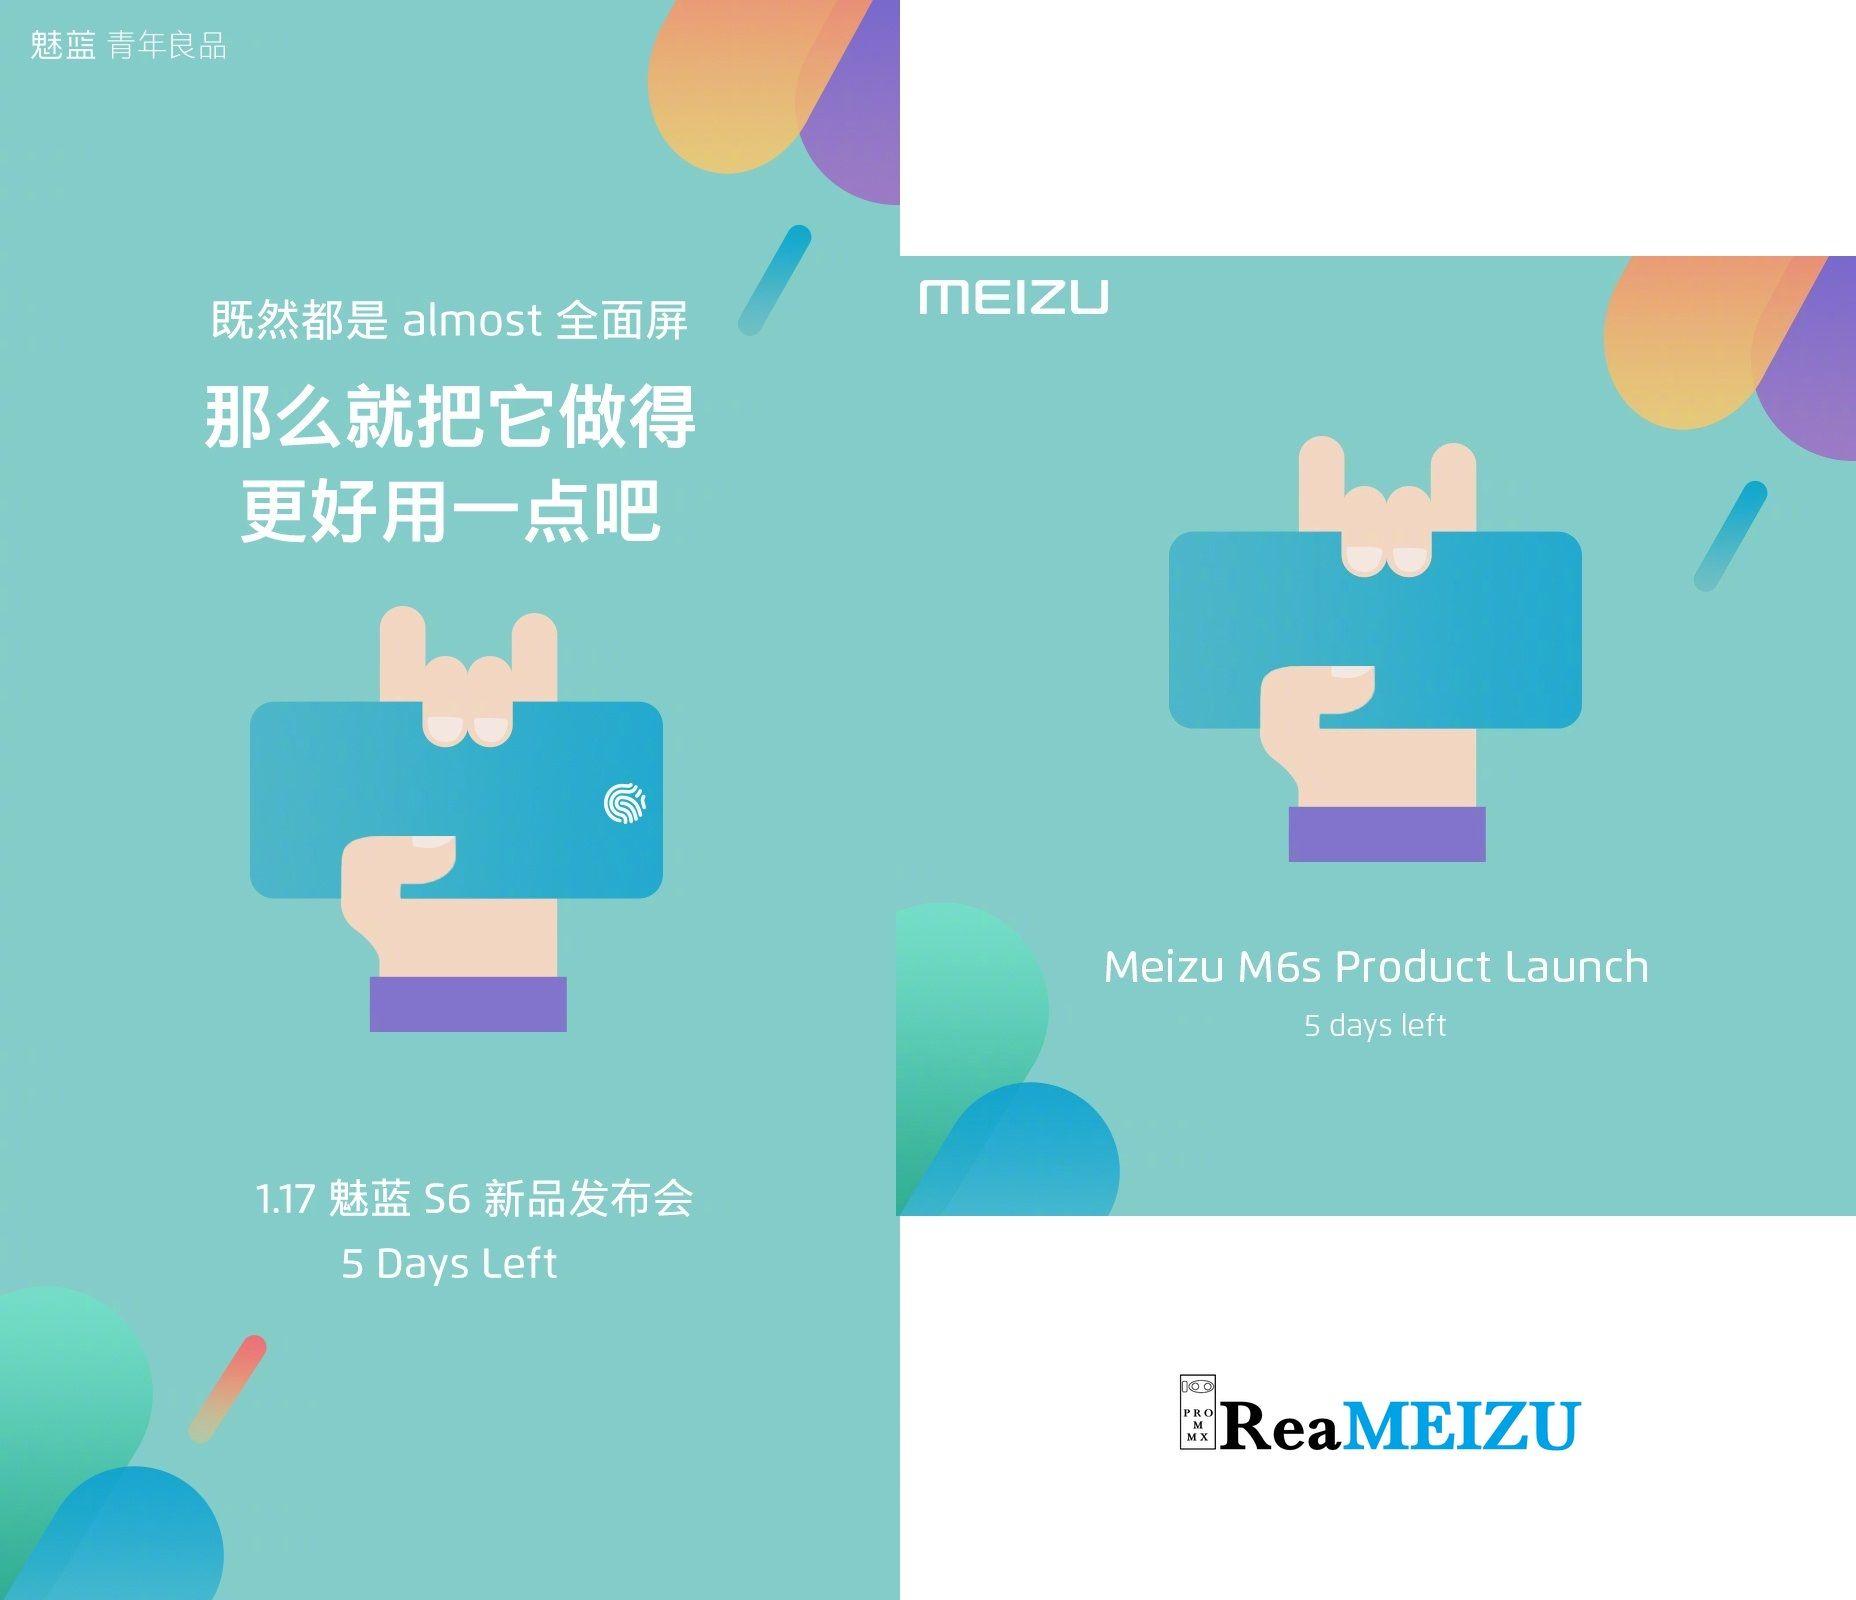 魅藍 S6(Meizu M6s)の発表5日前を告知する画像が中国と海外で大きく異なっていることが判明